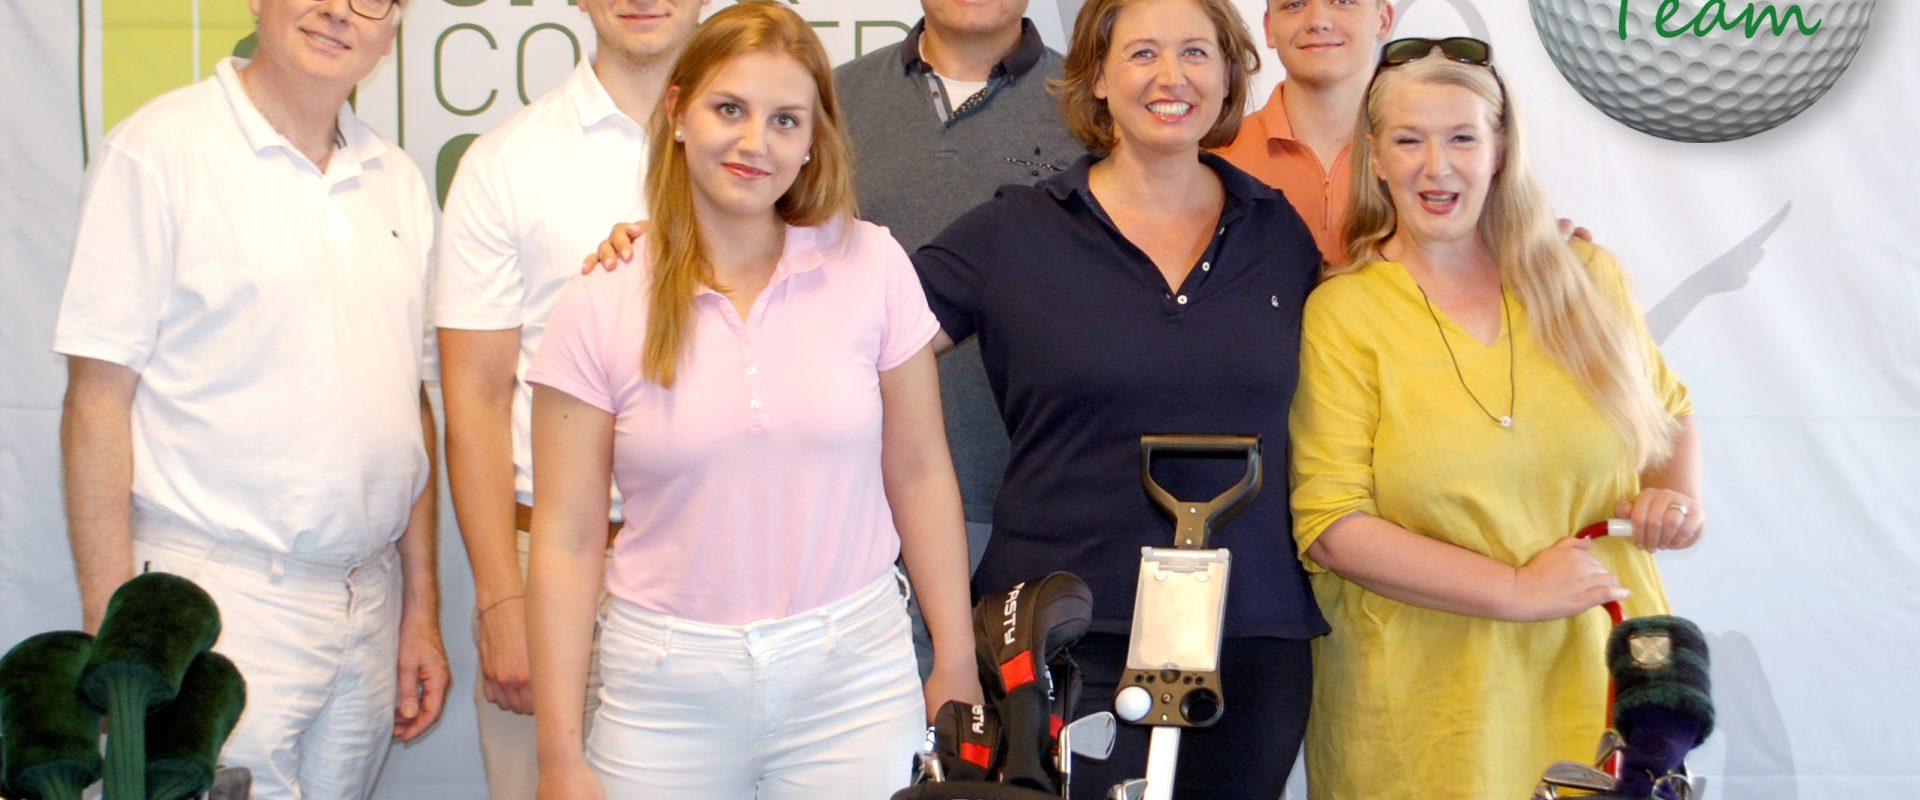 First Austrian Golf Show